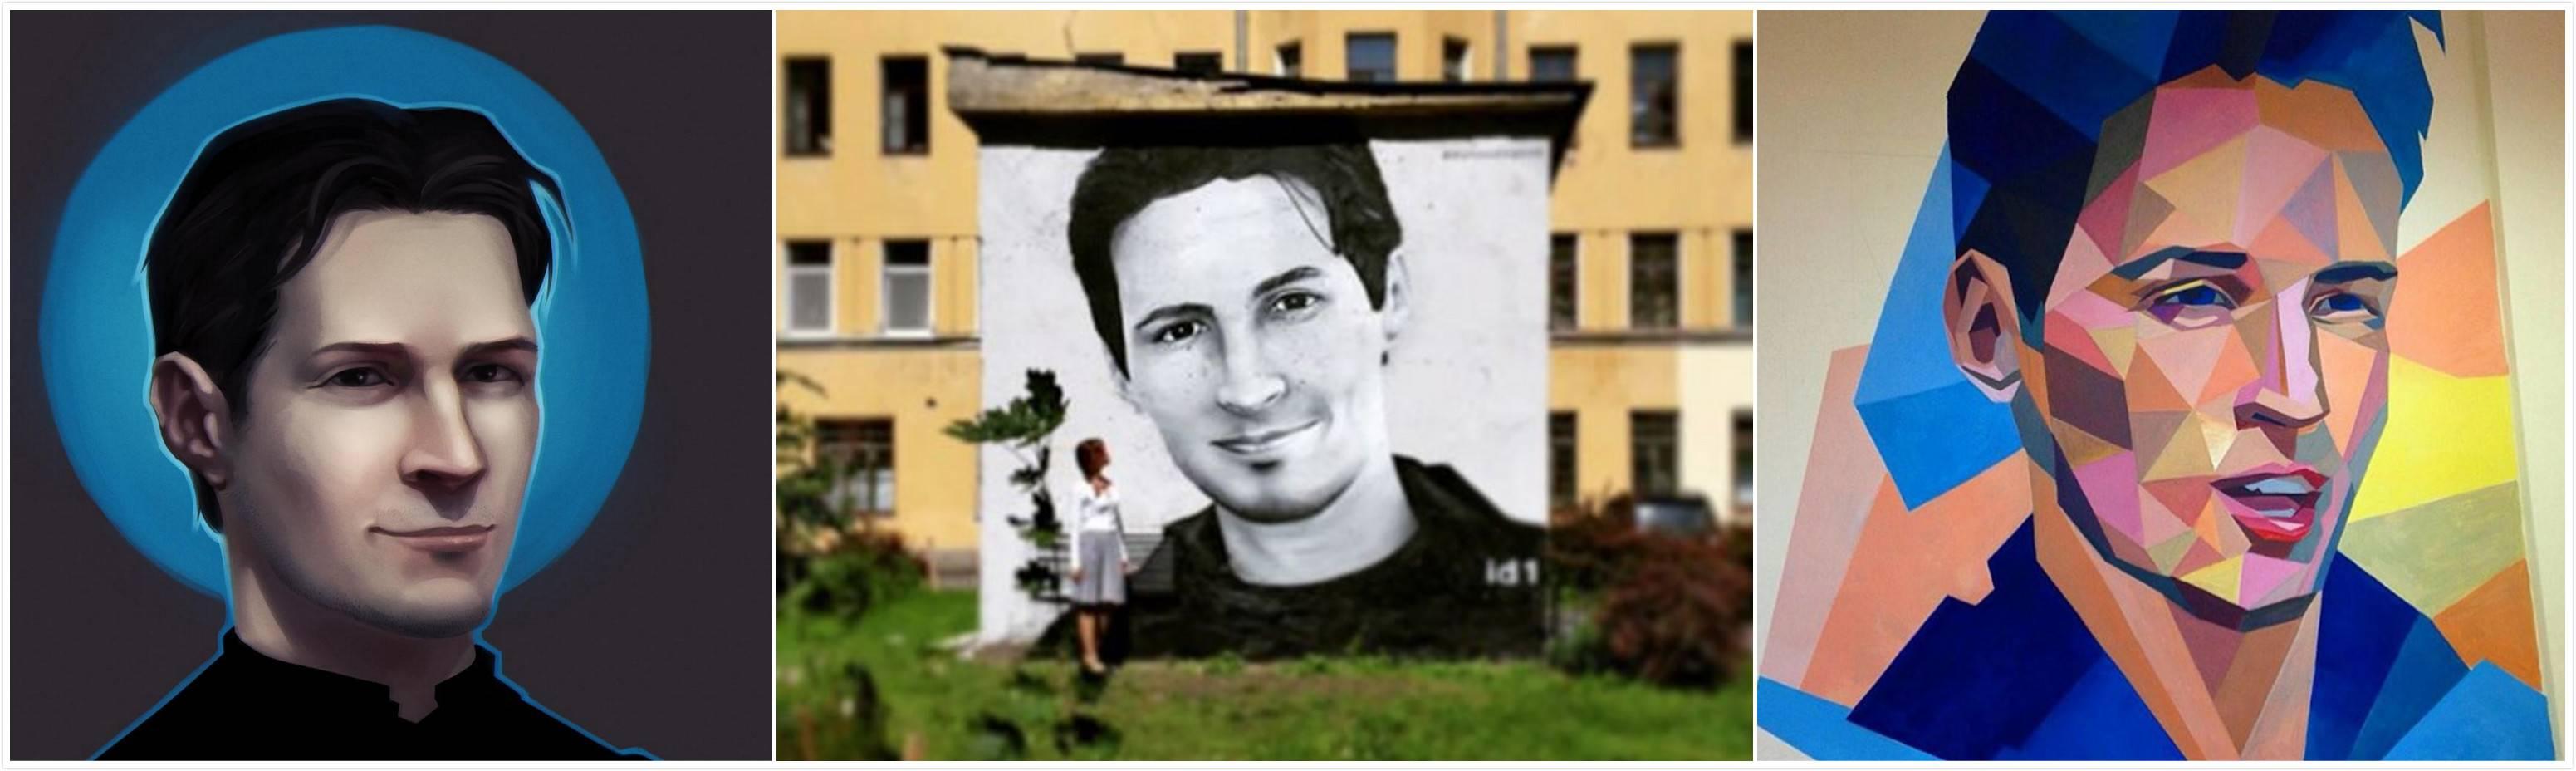 durov-icon